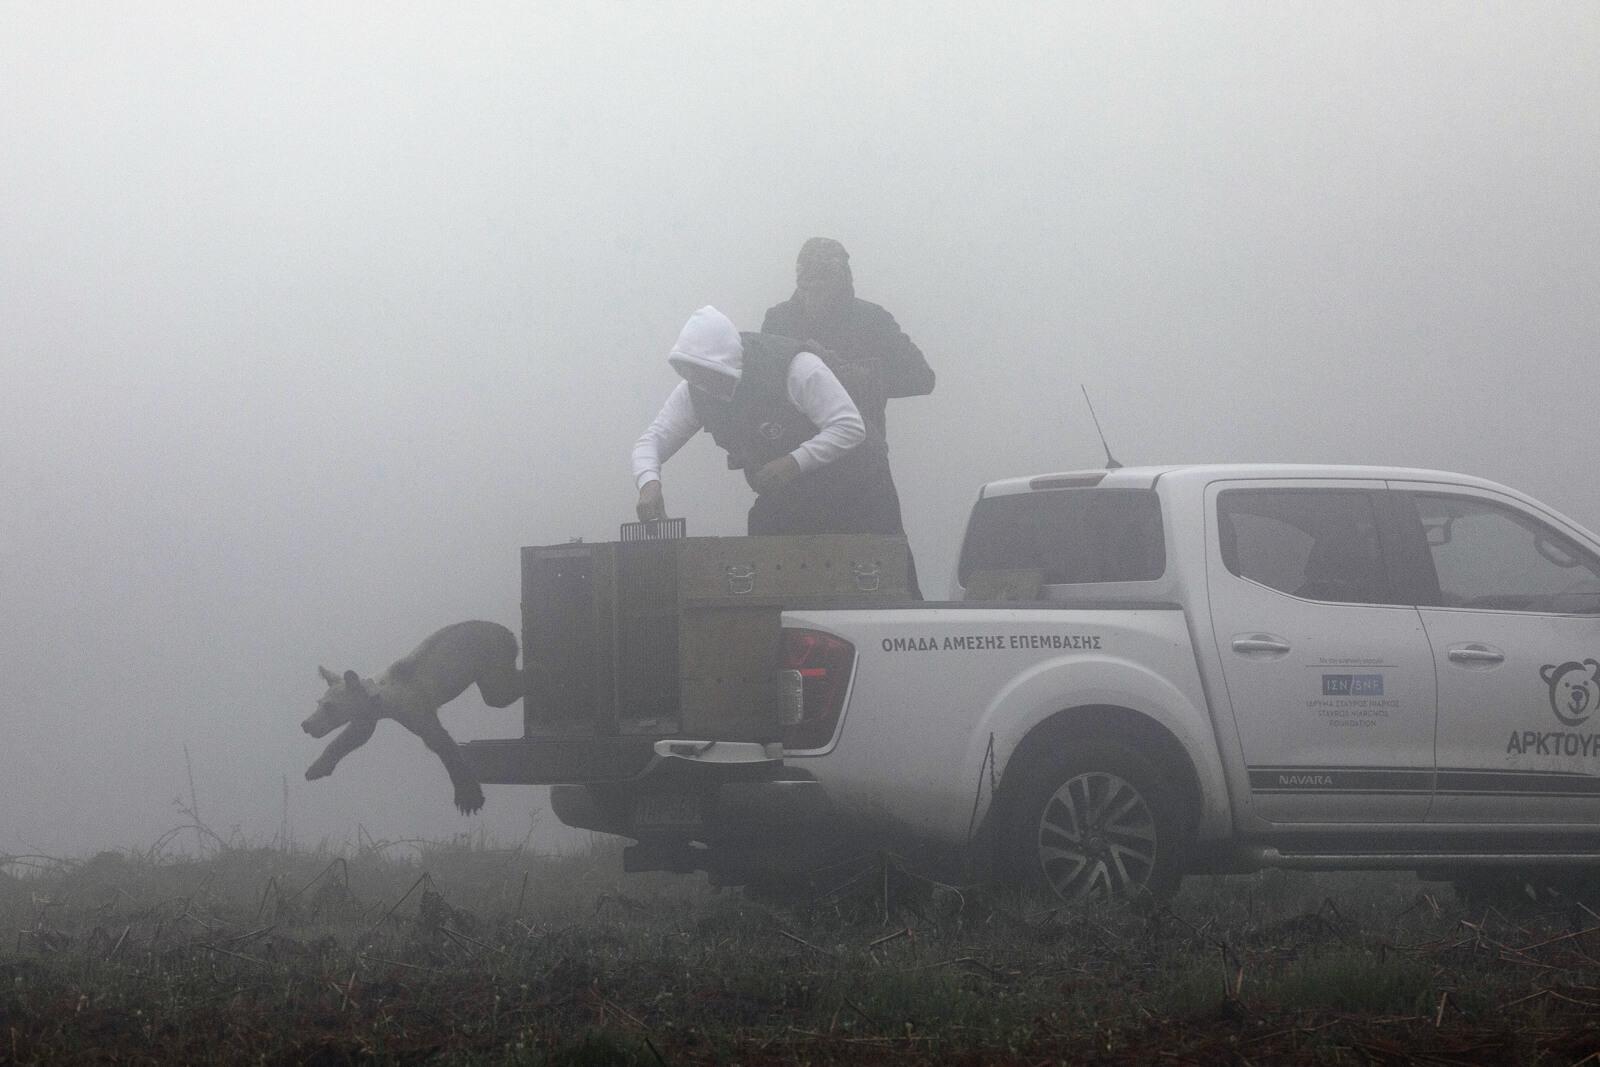 Φλώρινα: Έτσι επέστρεψαν στη φύση πέντε ορφανά αρκουδάκια – Μοναδικές εικόνες εντός και εκτός συνόρων [pics]